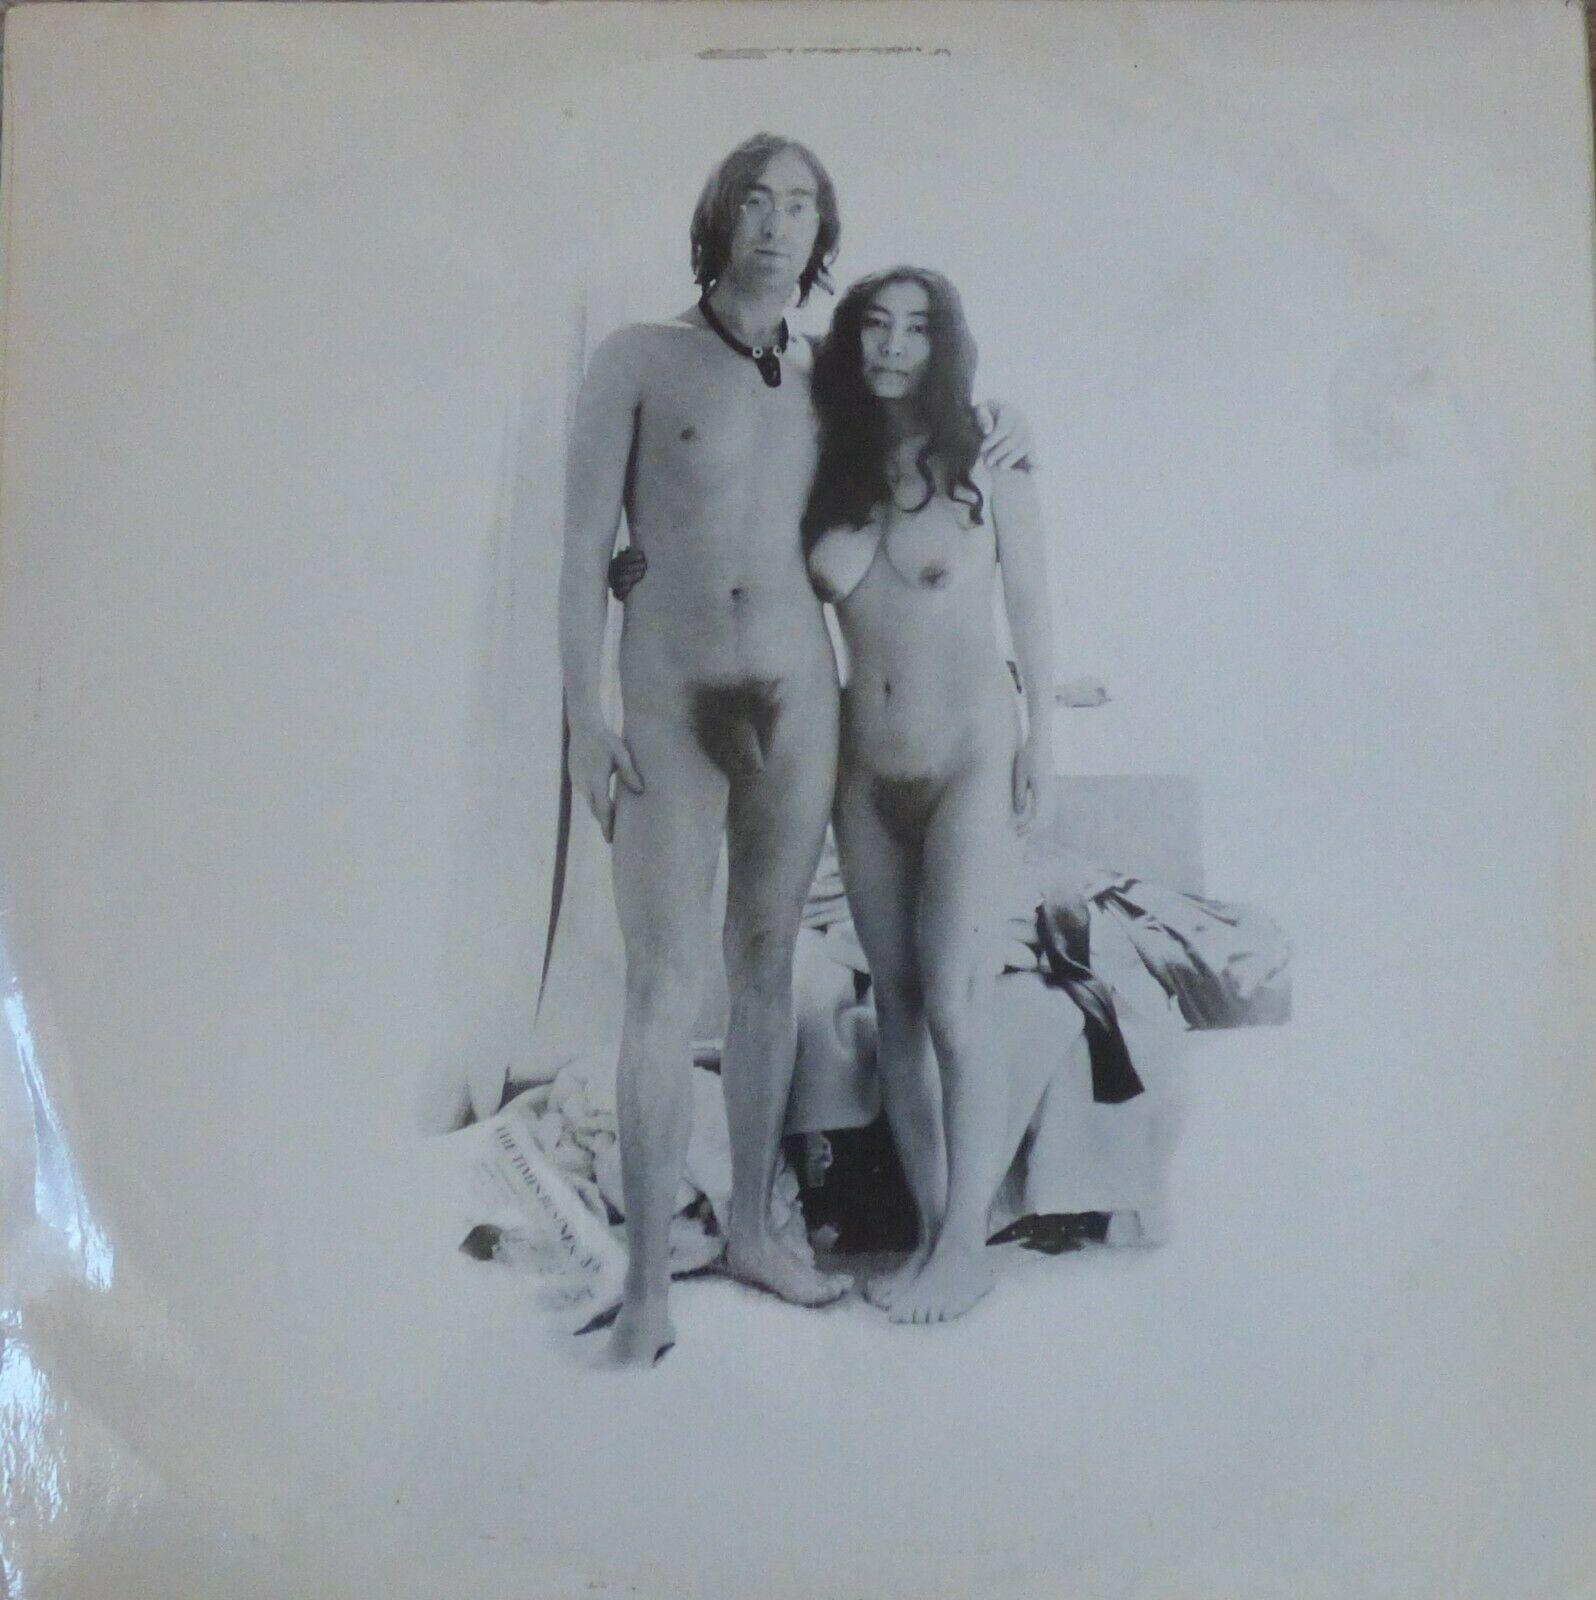 John Lennon & Yoko Ono - Two Virgins 1968 1st Issue Stereo Track/Apple SAPCOR 2